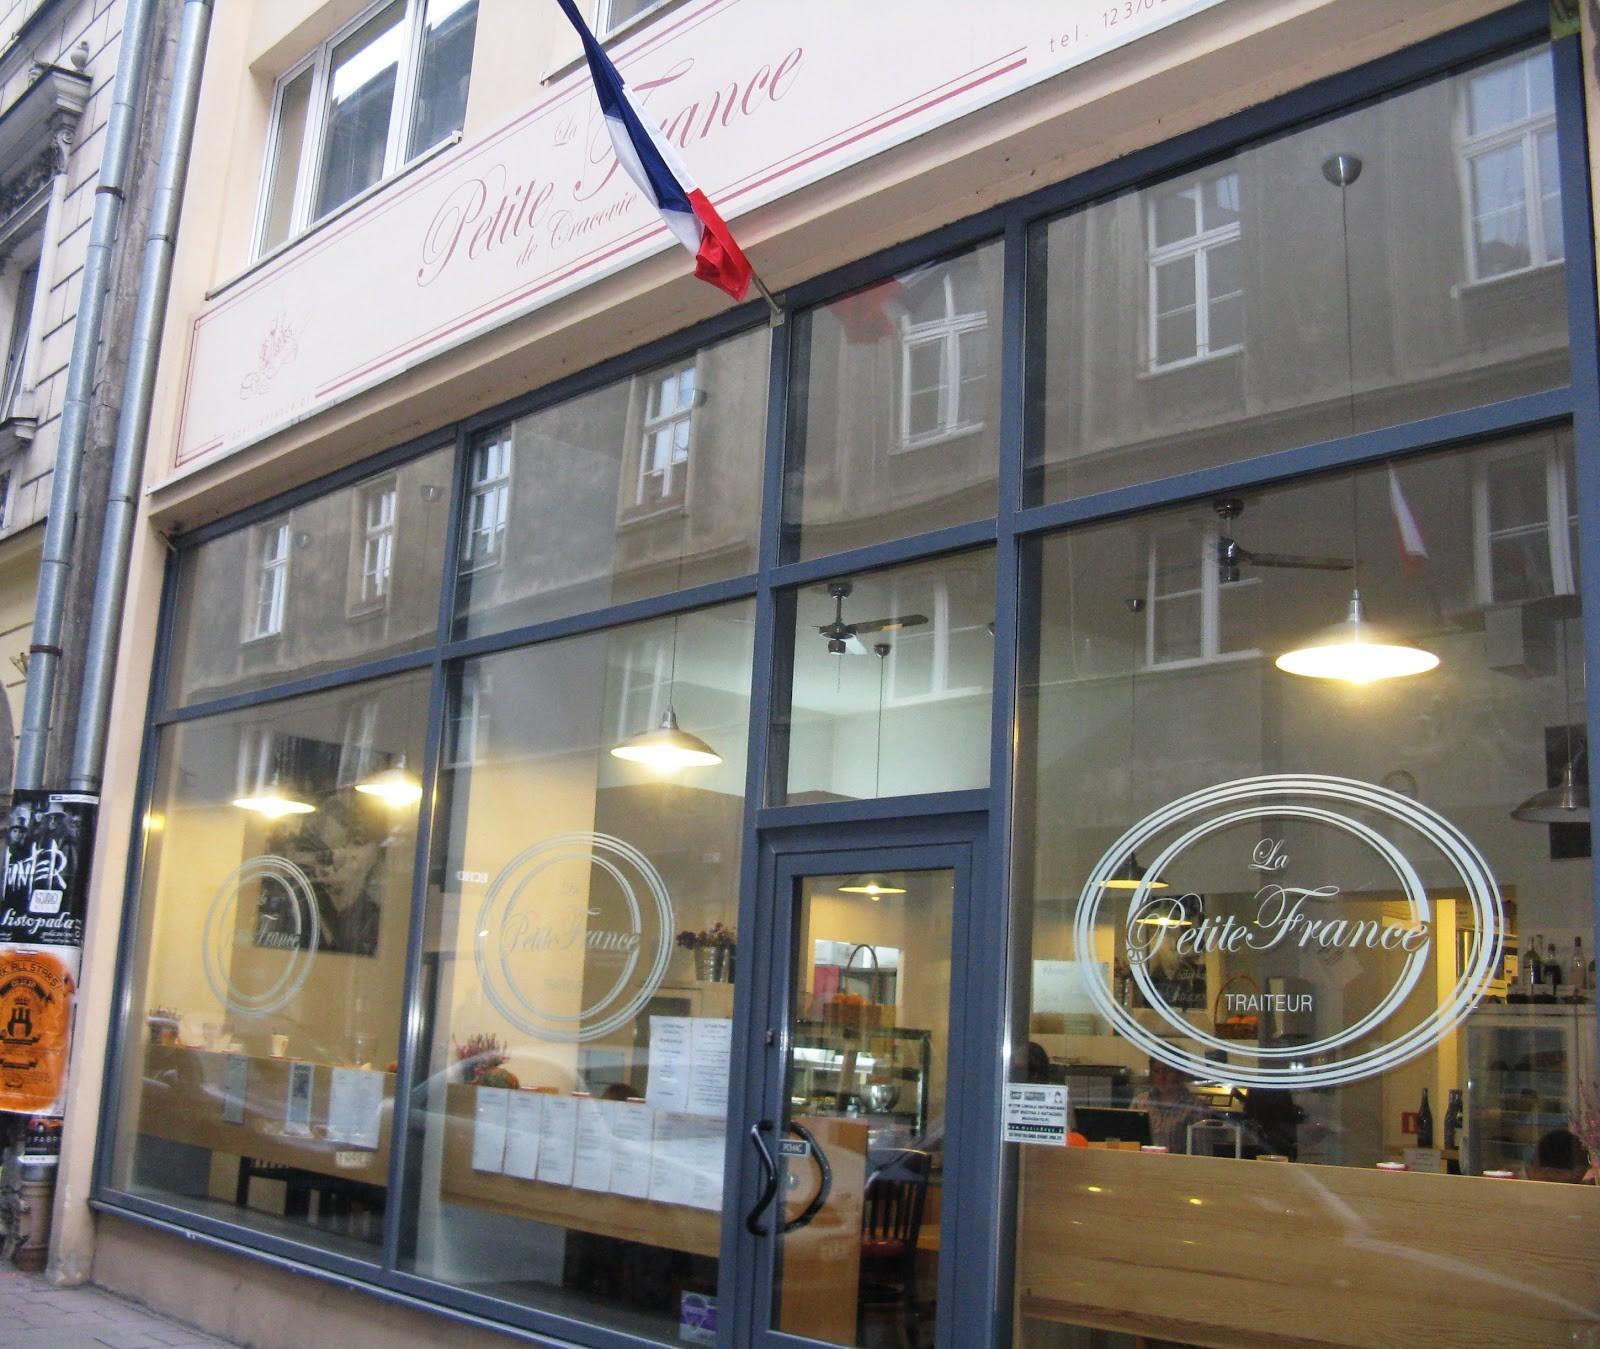 Francuskie produkty w centrum Krakowa